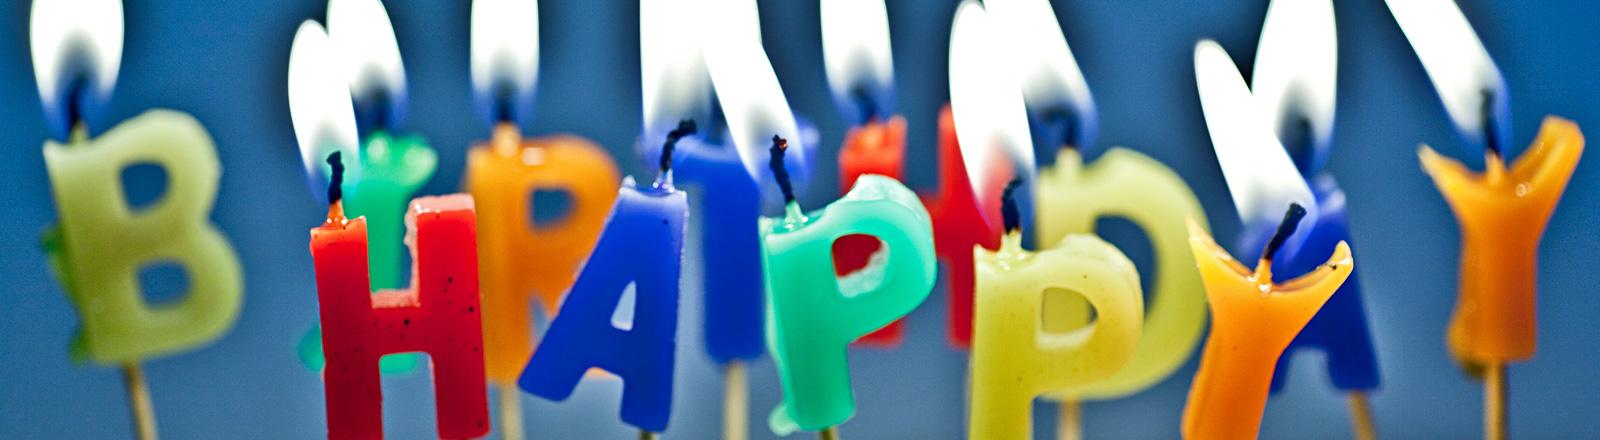 Bunte Kerzen in Buchstabenform stehen nebeneinander und brennen. Das Wort Happy ist zu lesen.